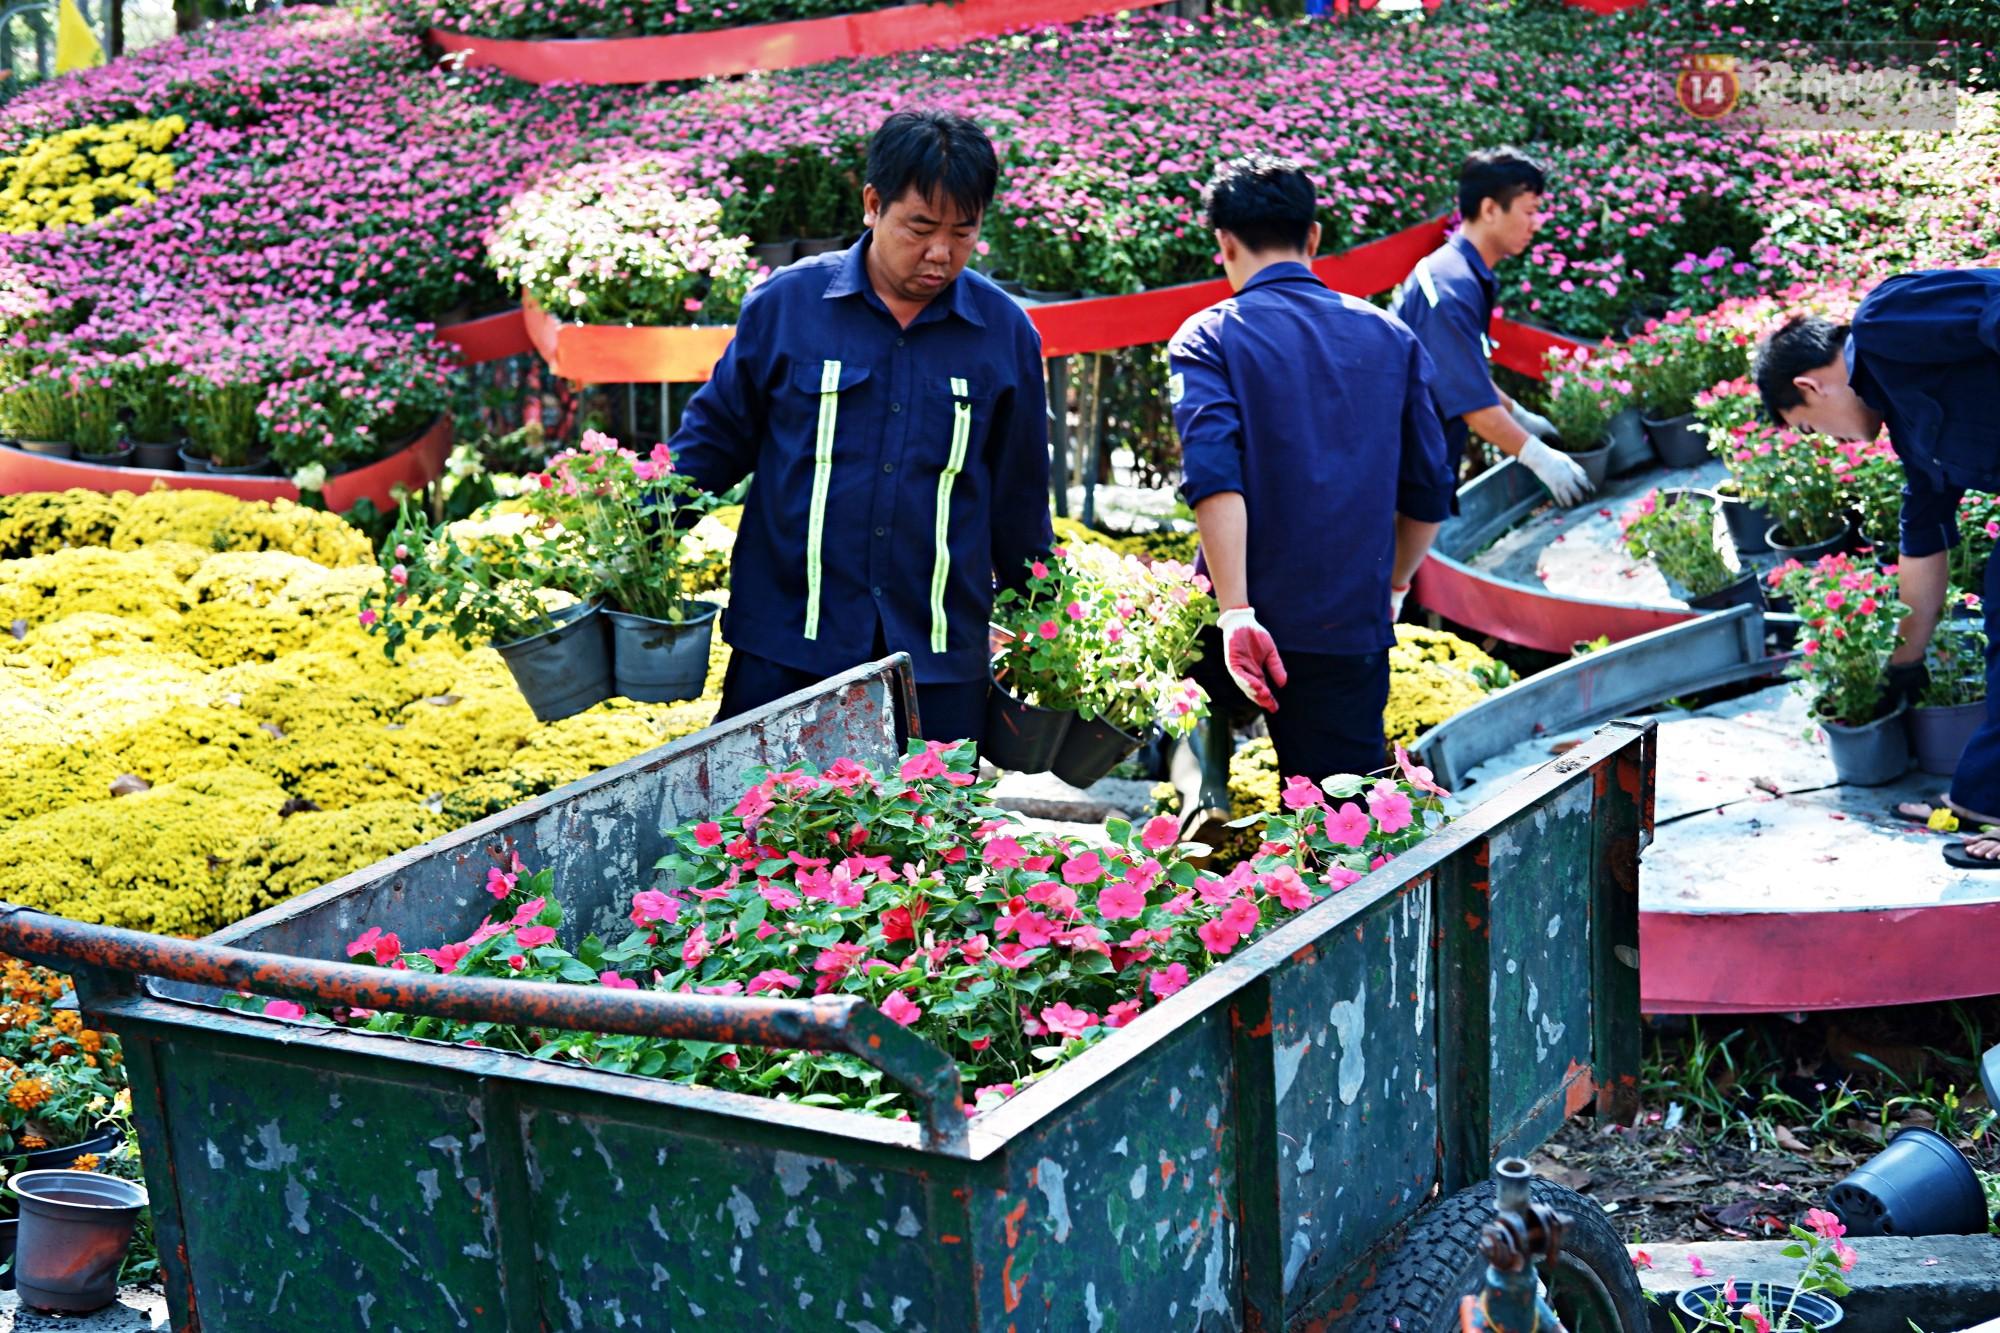 Hội hoa Xuân kết thúc, người dân Sài Gòn hào hứng xin hoa miễn phí về chưng cho đỡ uổng phí - Ảnh 7.